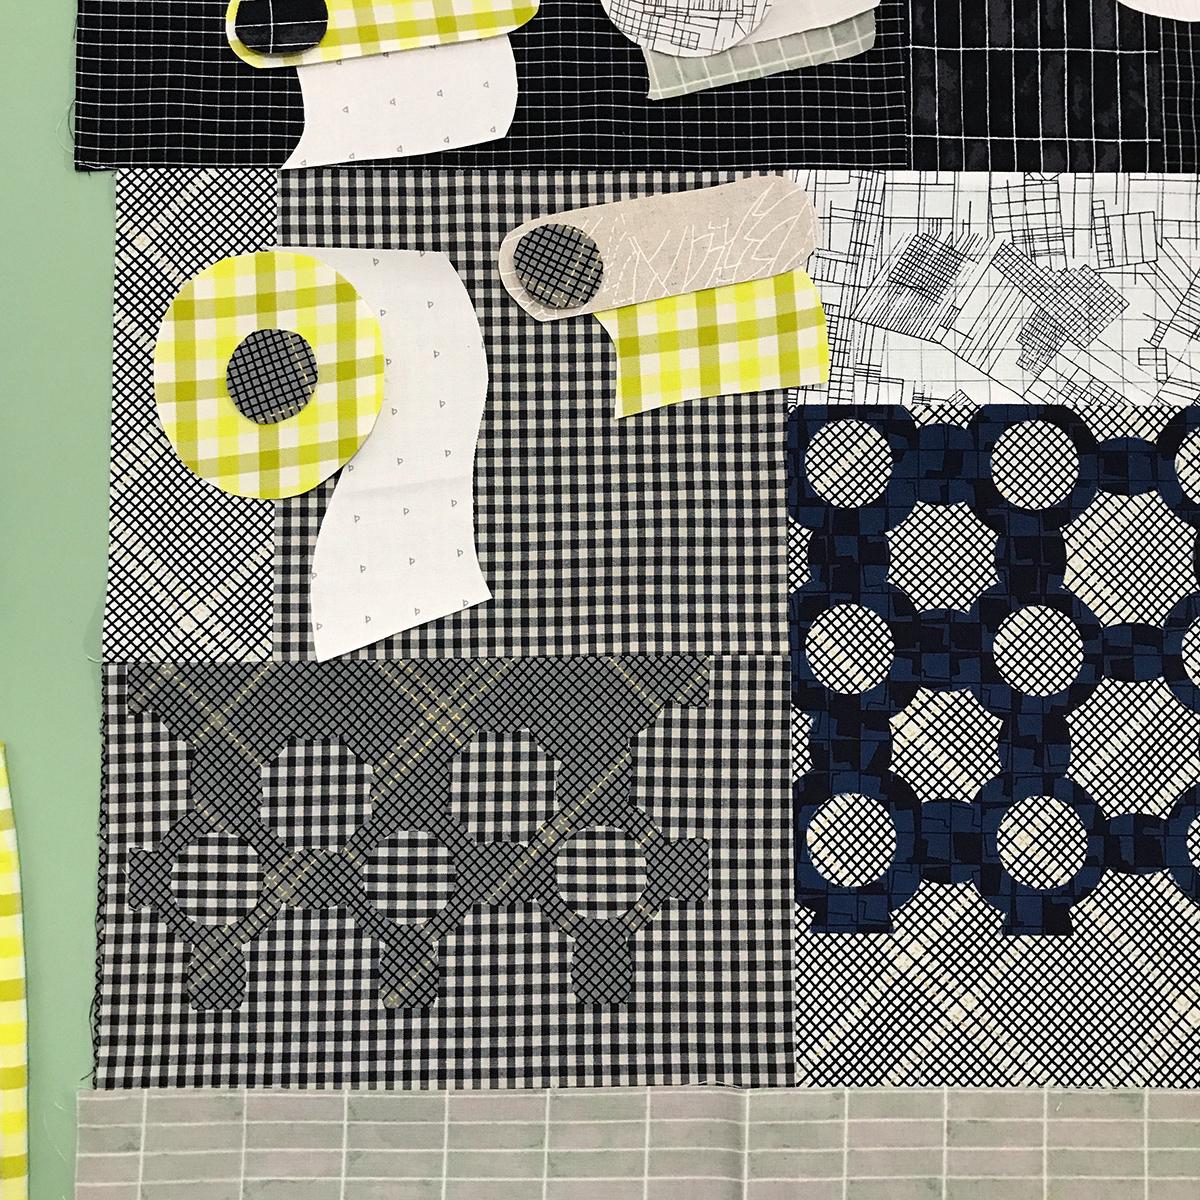 TP quilt in progress . carolyn friedlander